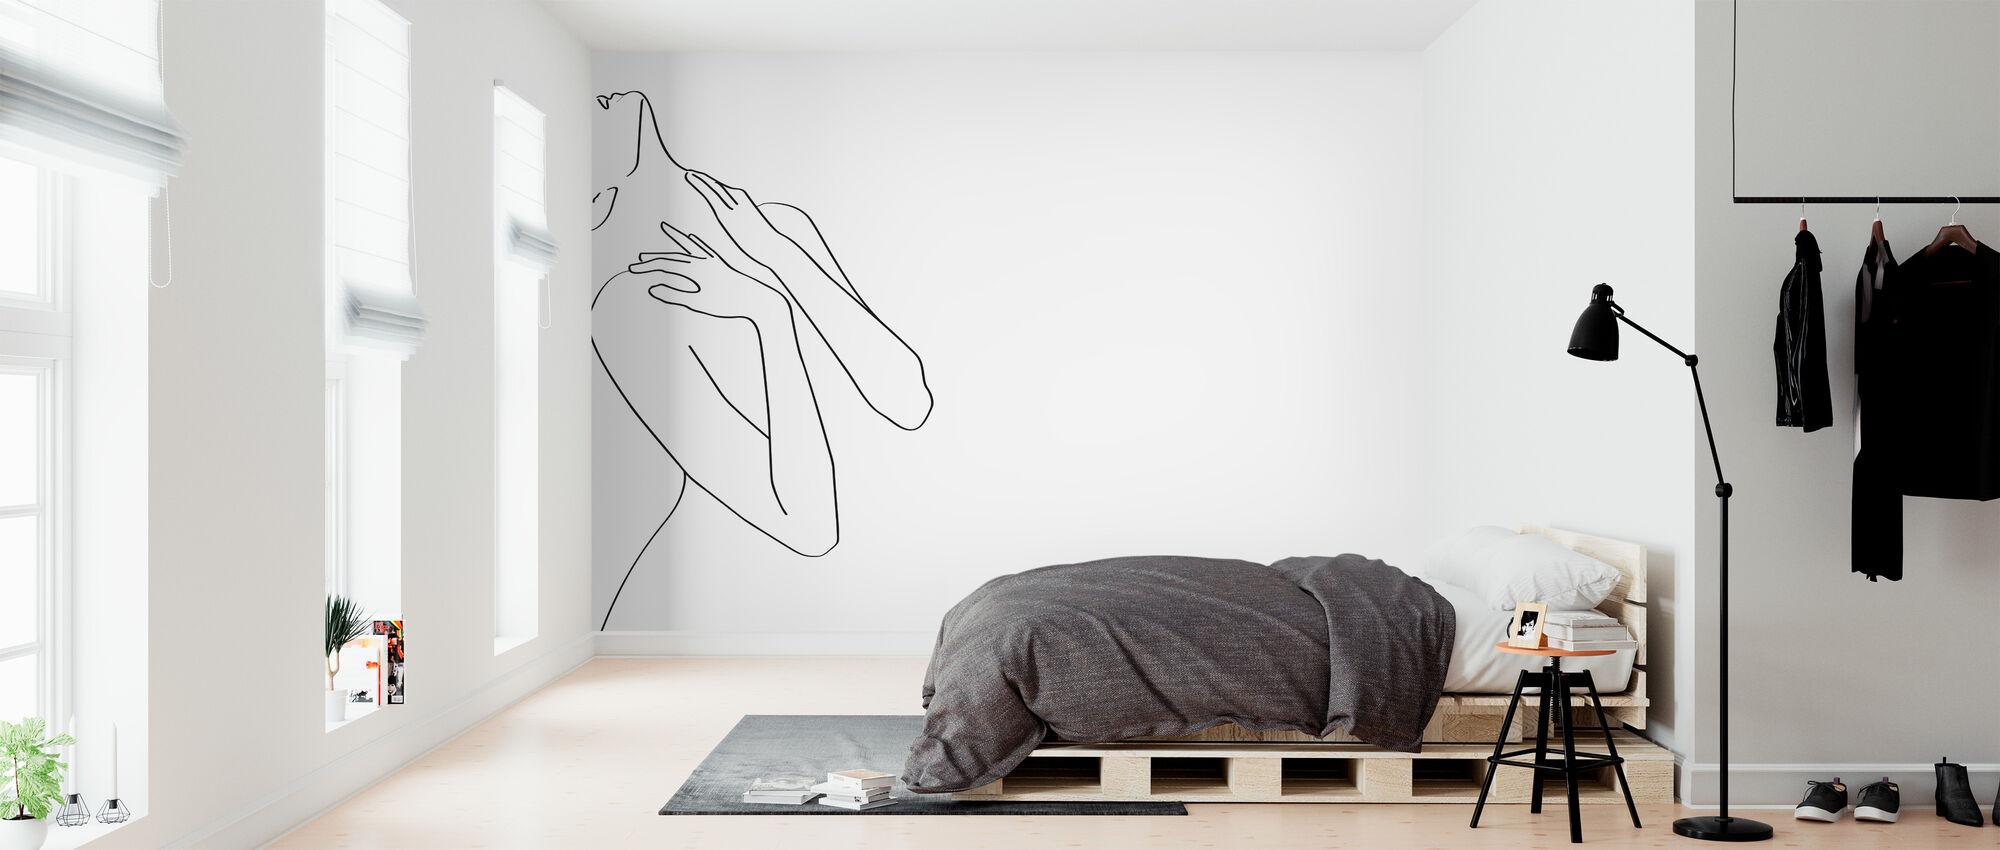 Schoonheid - Behang - Slaapkamer